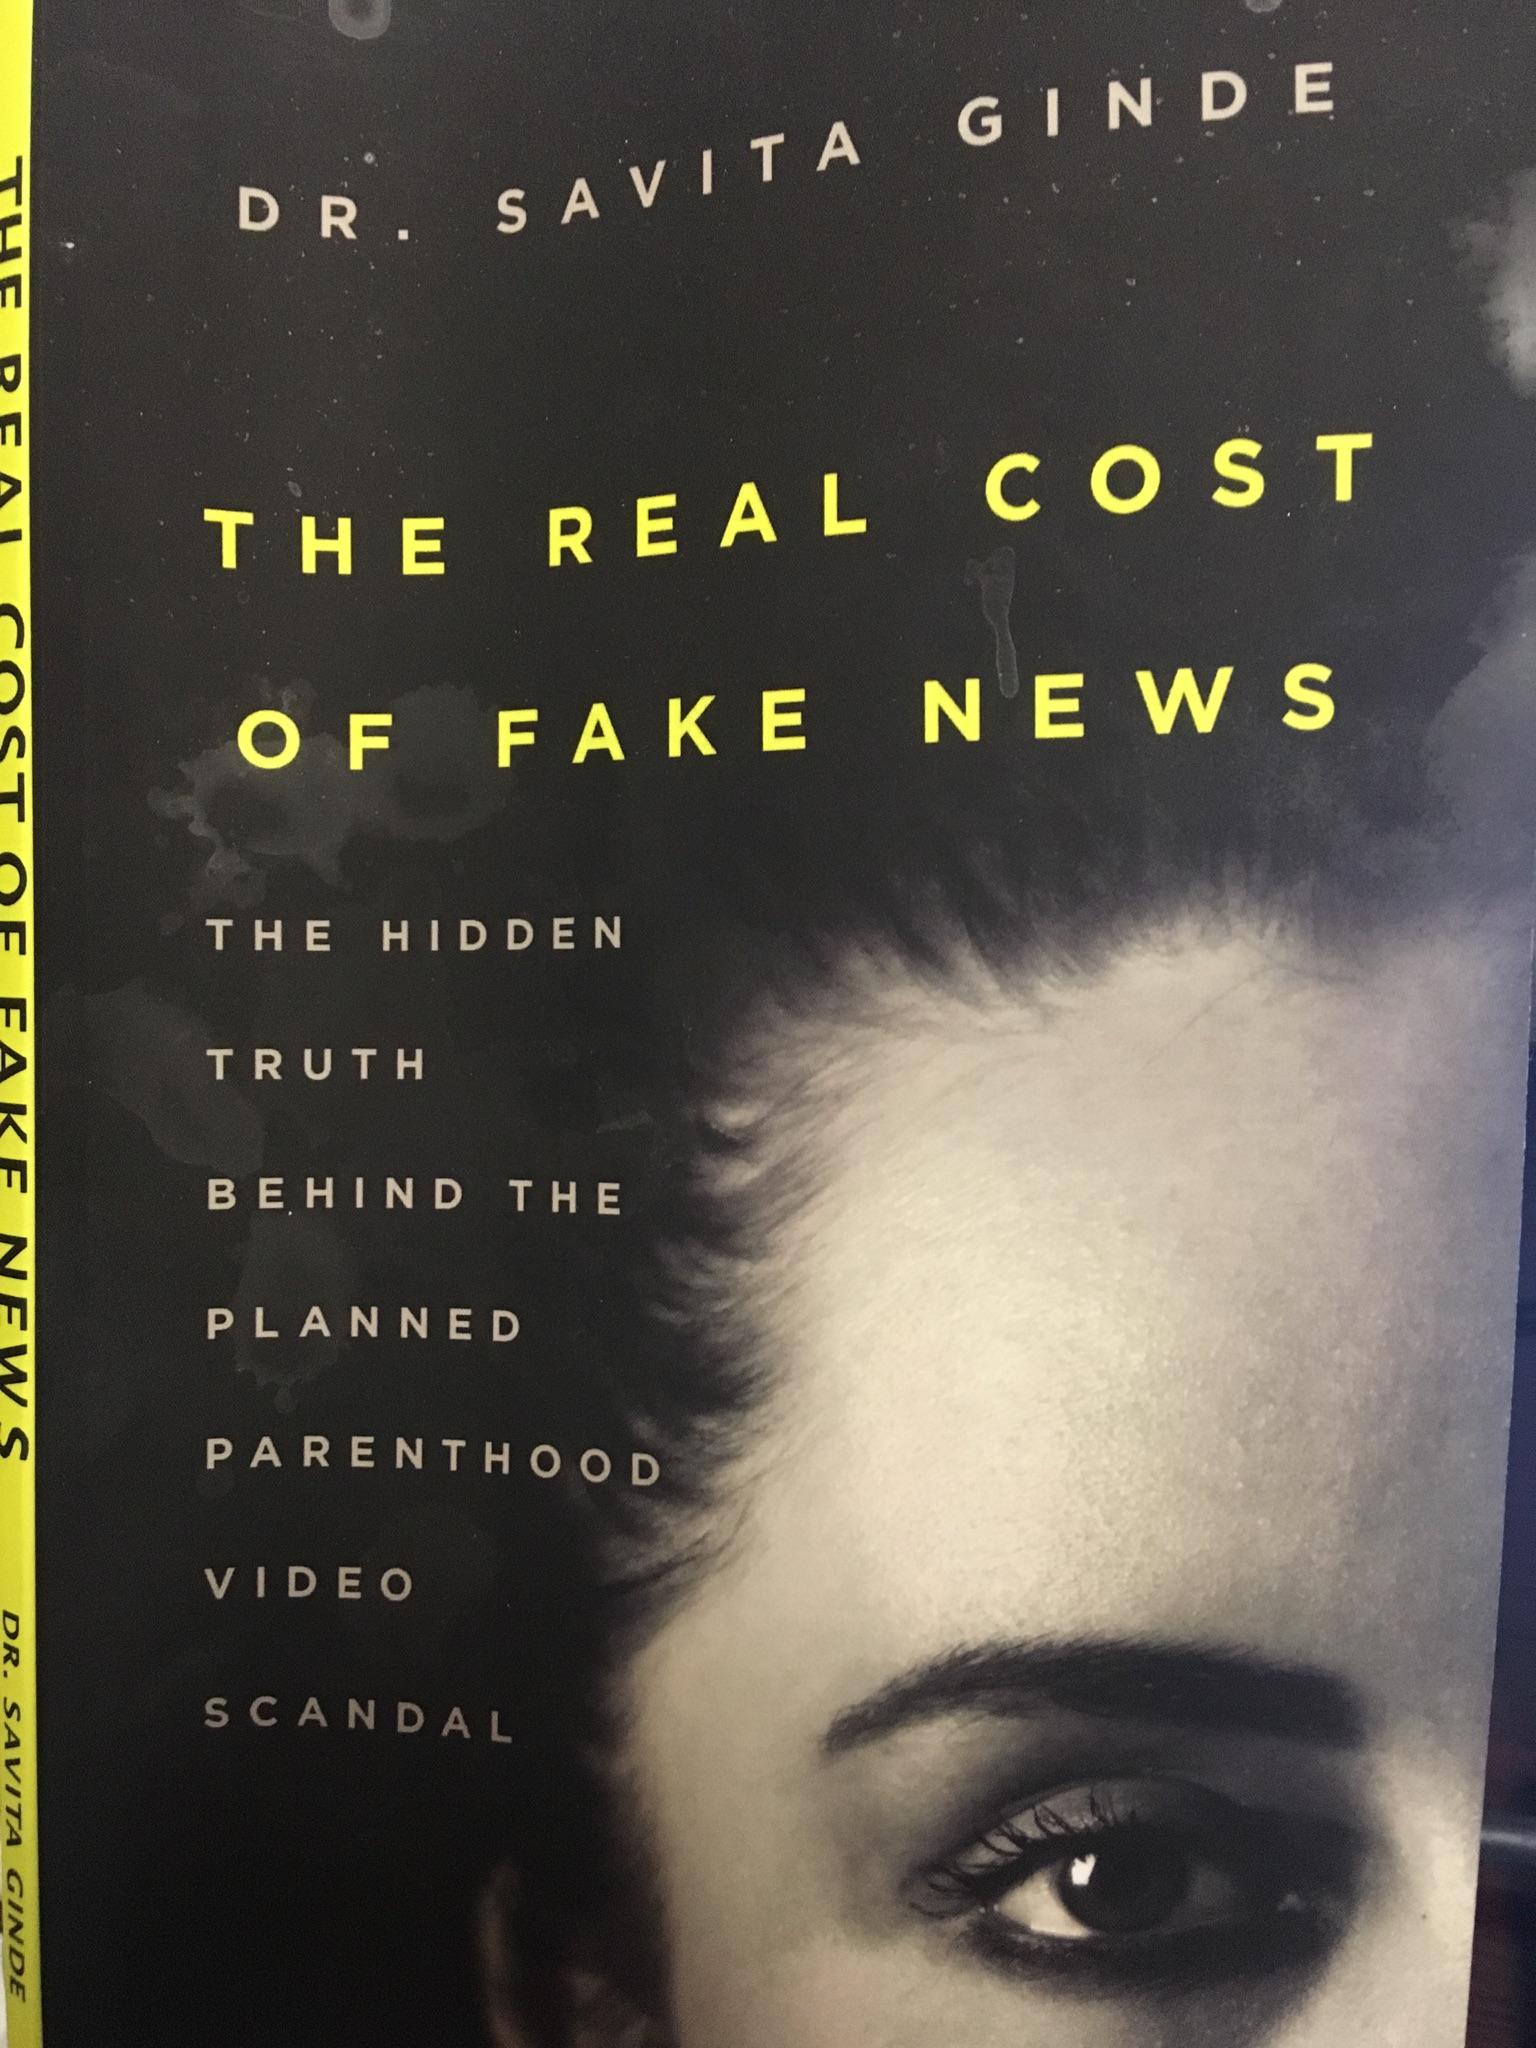 Savita Ginde book cover